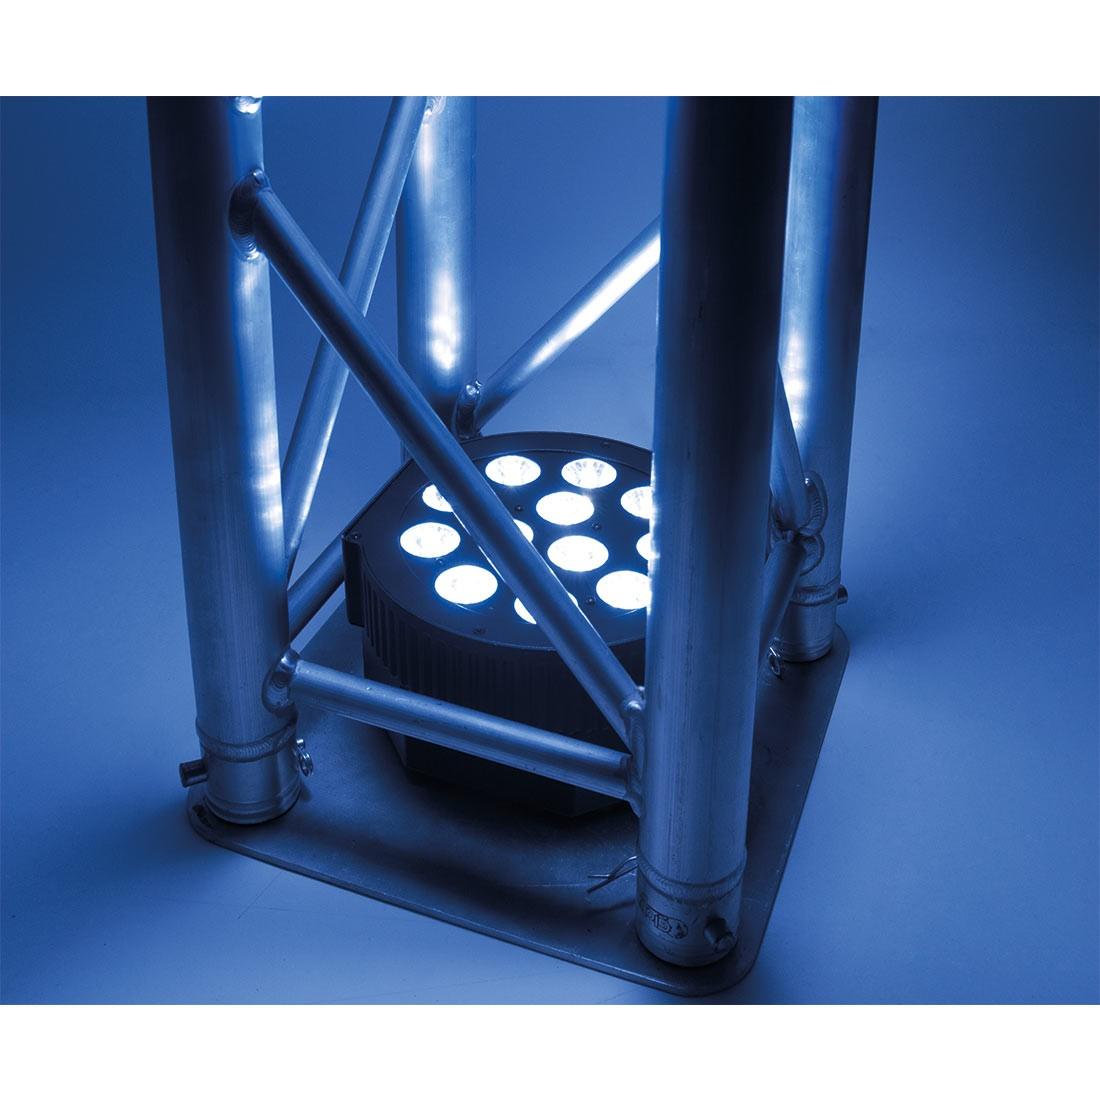 adj 12p hex led lampe med uv k b online her. Black Bedroom Furniture Sets. Home Design Ideas